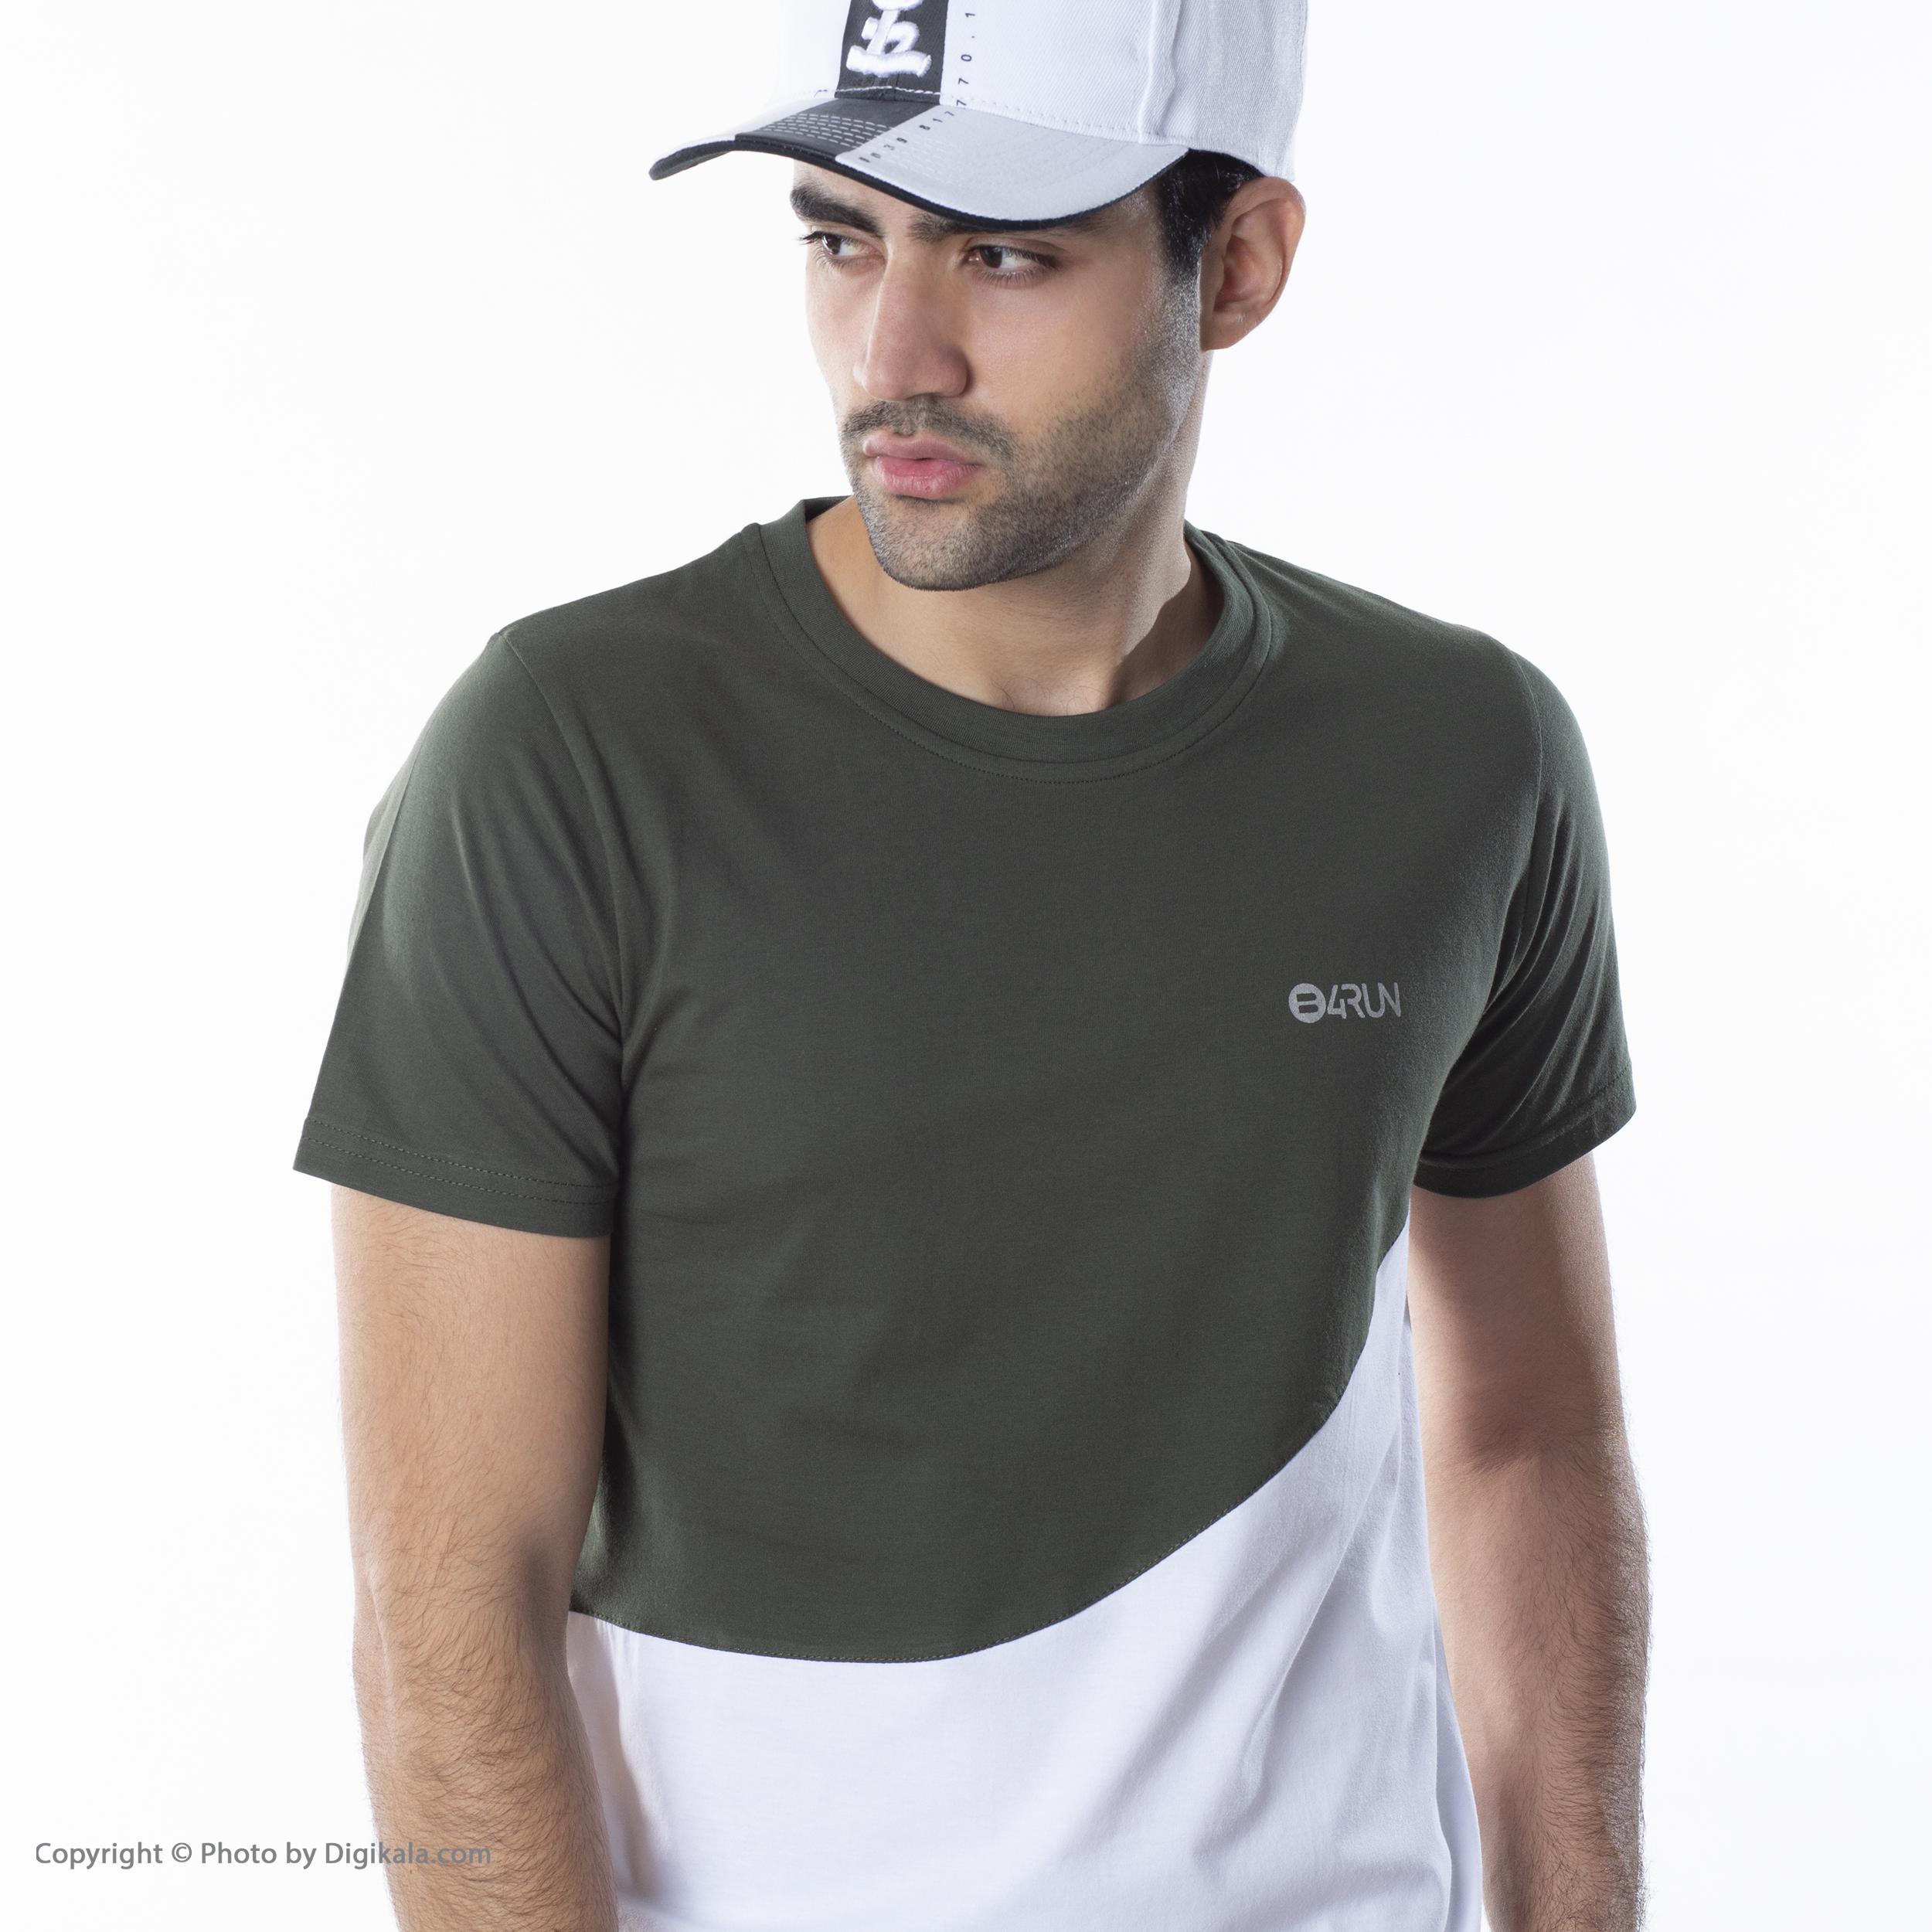 تی شرت ورزشی مردانه بی فور ران مدل 210314-4301 -  - 2